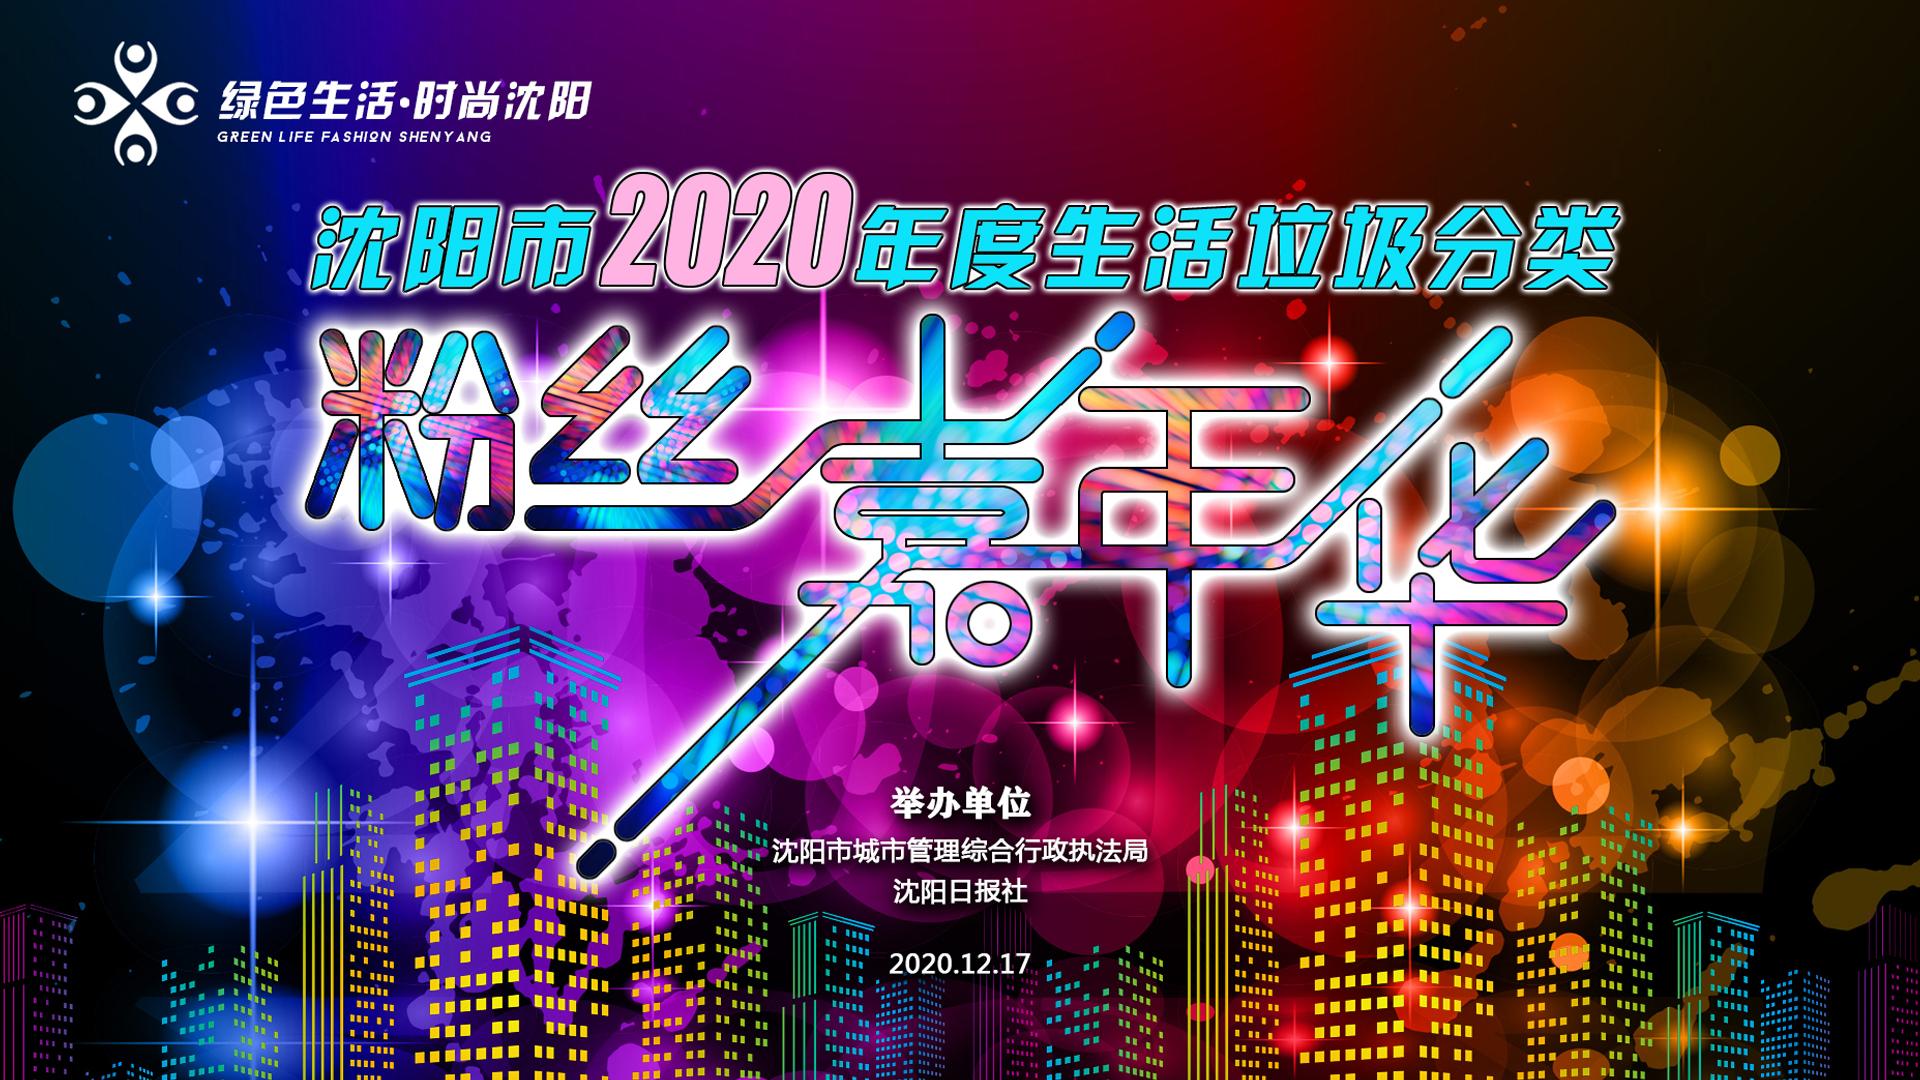 沈阳市2020年度垃圾分类粉丝嘉年华